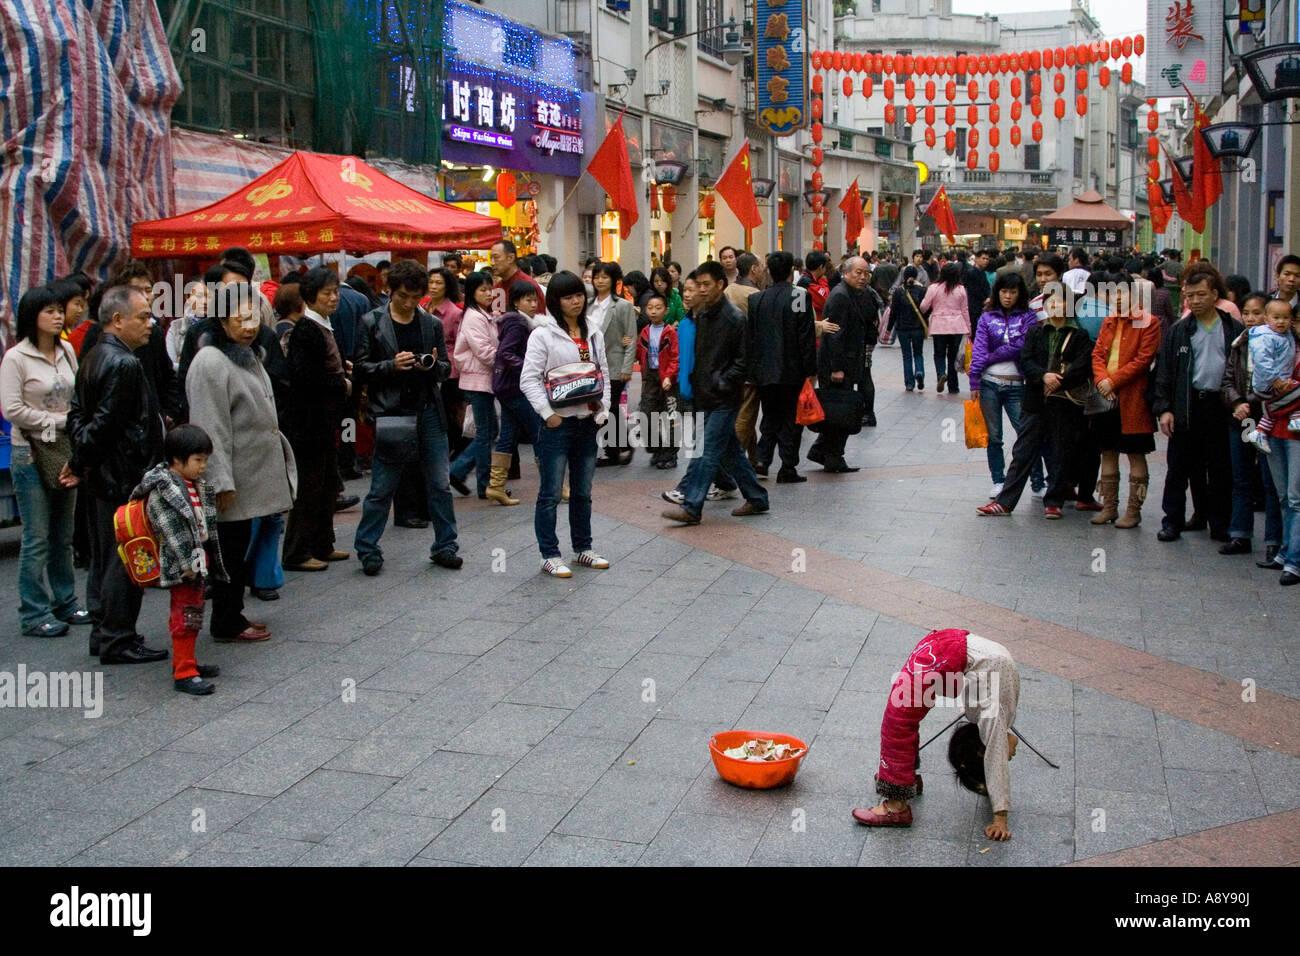 Chinese Girl Street Performer and Beggar Shang Xia Jiu Square a busy pedestrian shopping mall in Guangzhou China - Stock Image